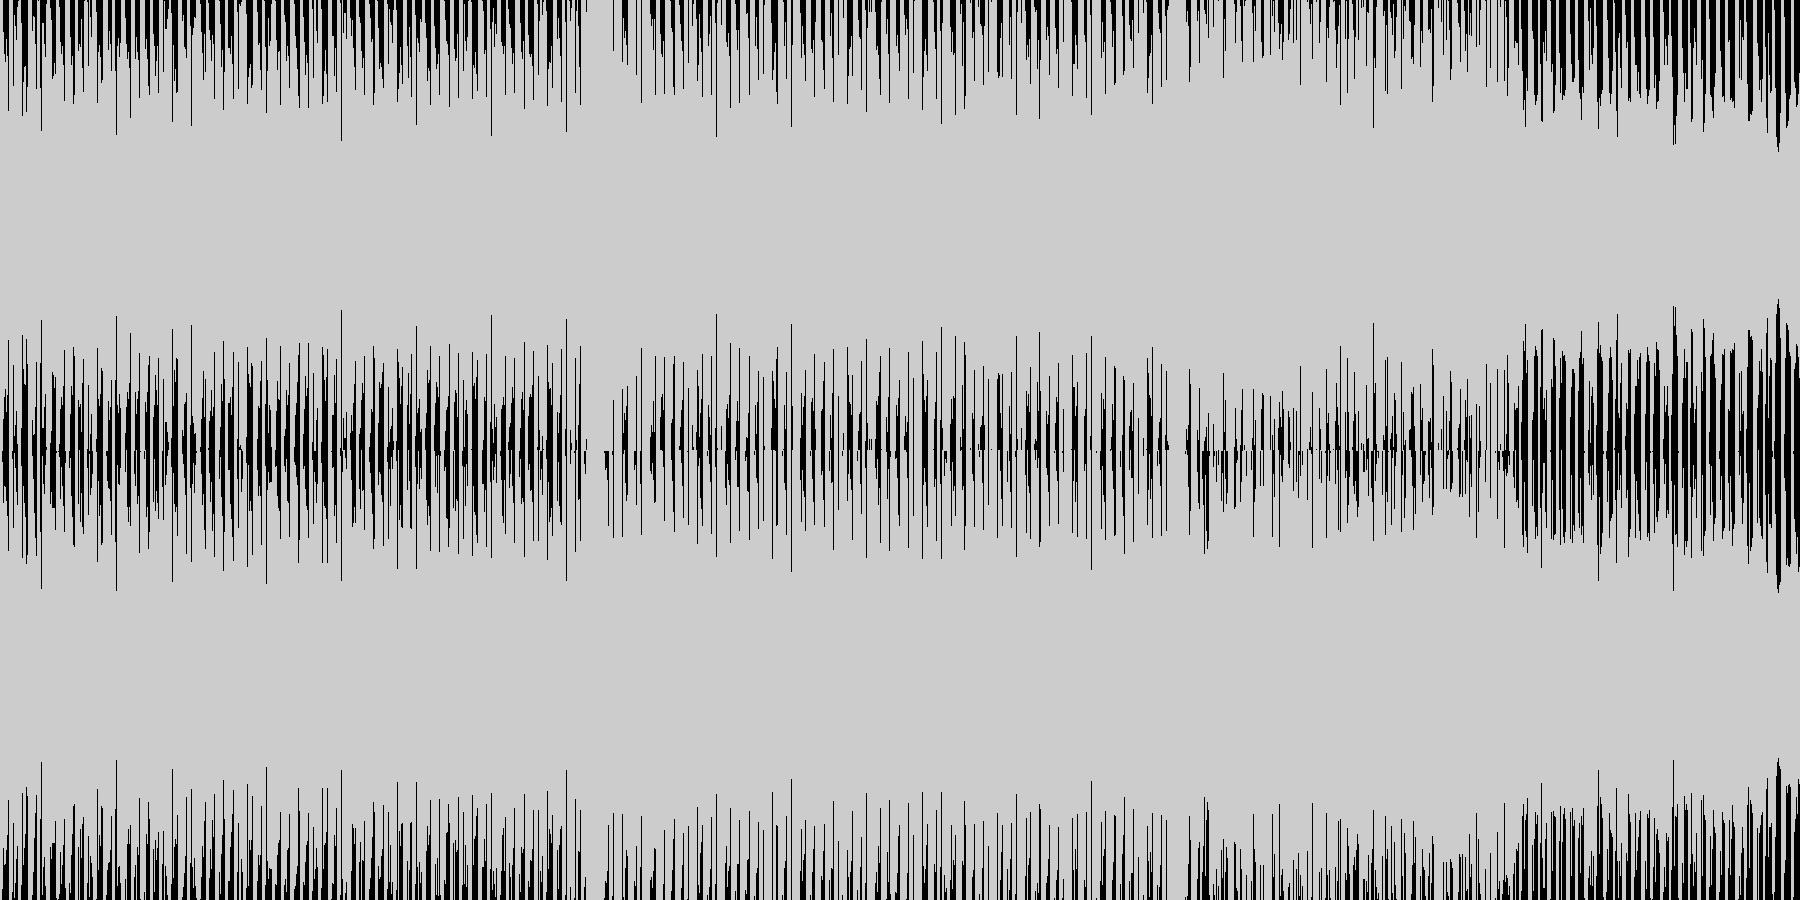 エレクトリカルなハイテンションBGMの未再生の波形